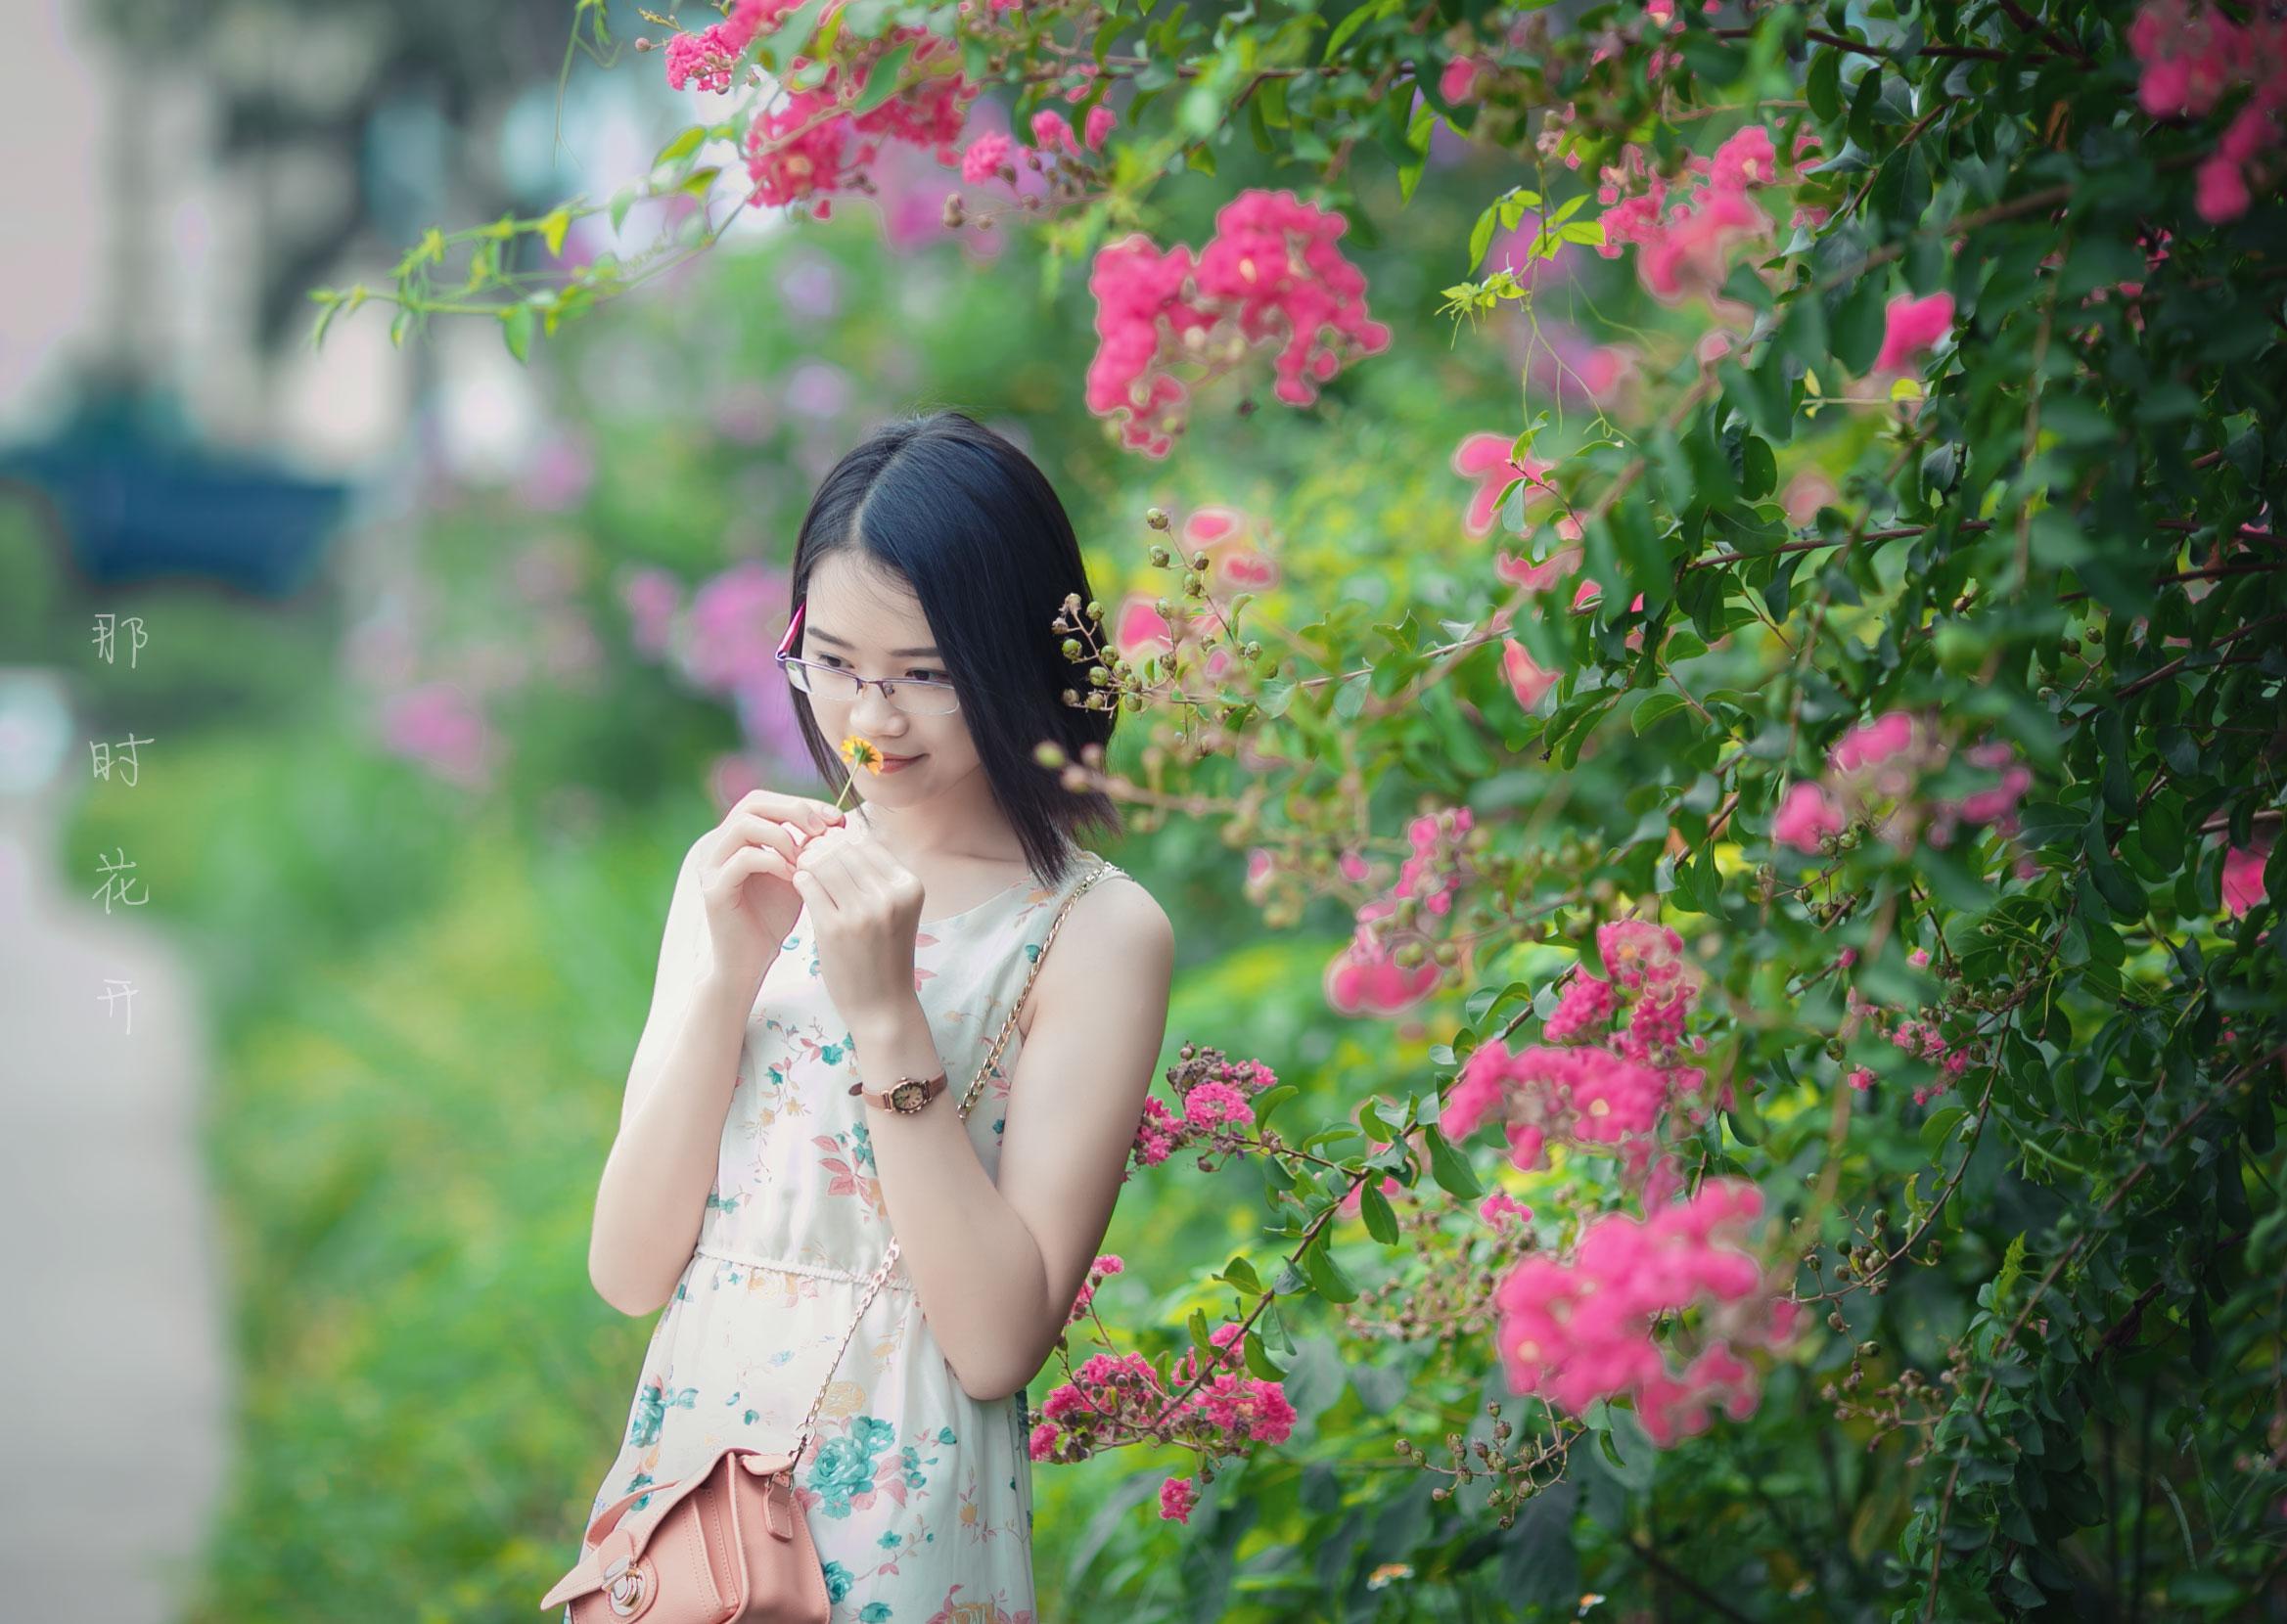 等你,在来生紫蝶飞舞的季节【情感美文】 - 水墨凝烟 - 花仙子的博客.